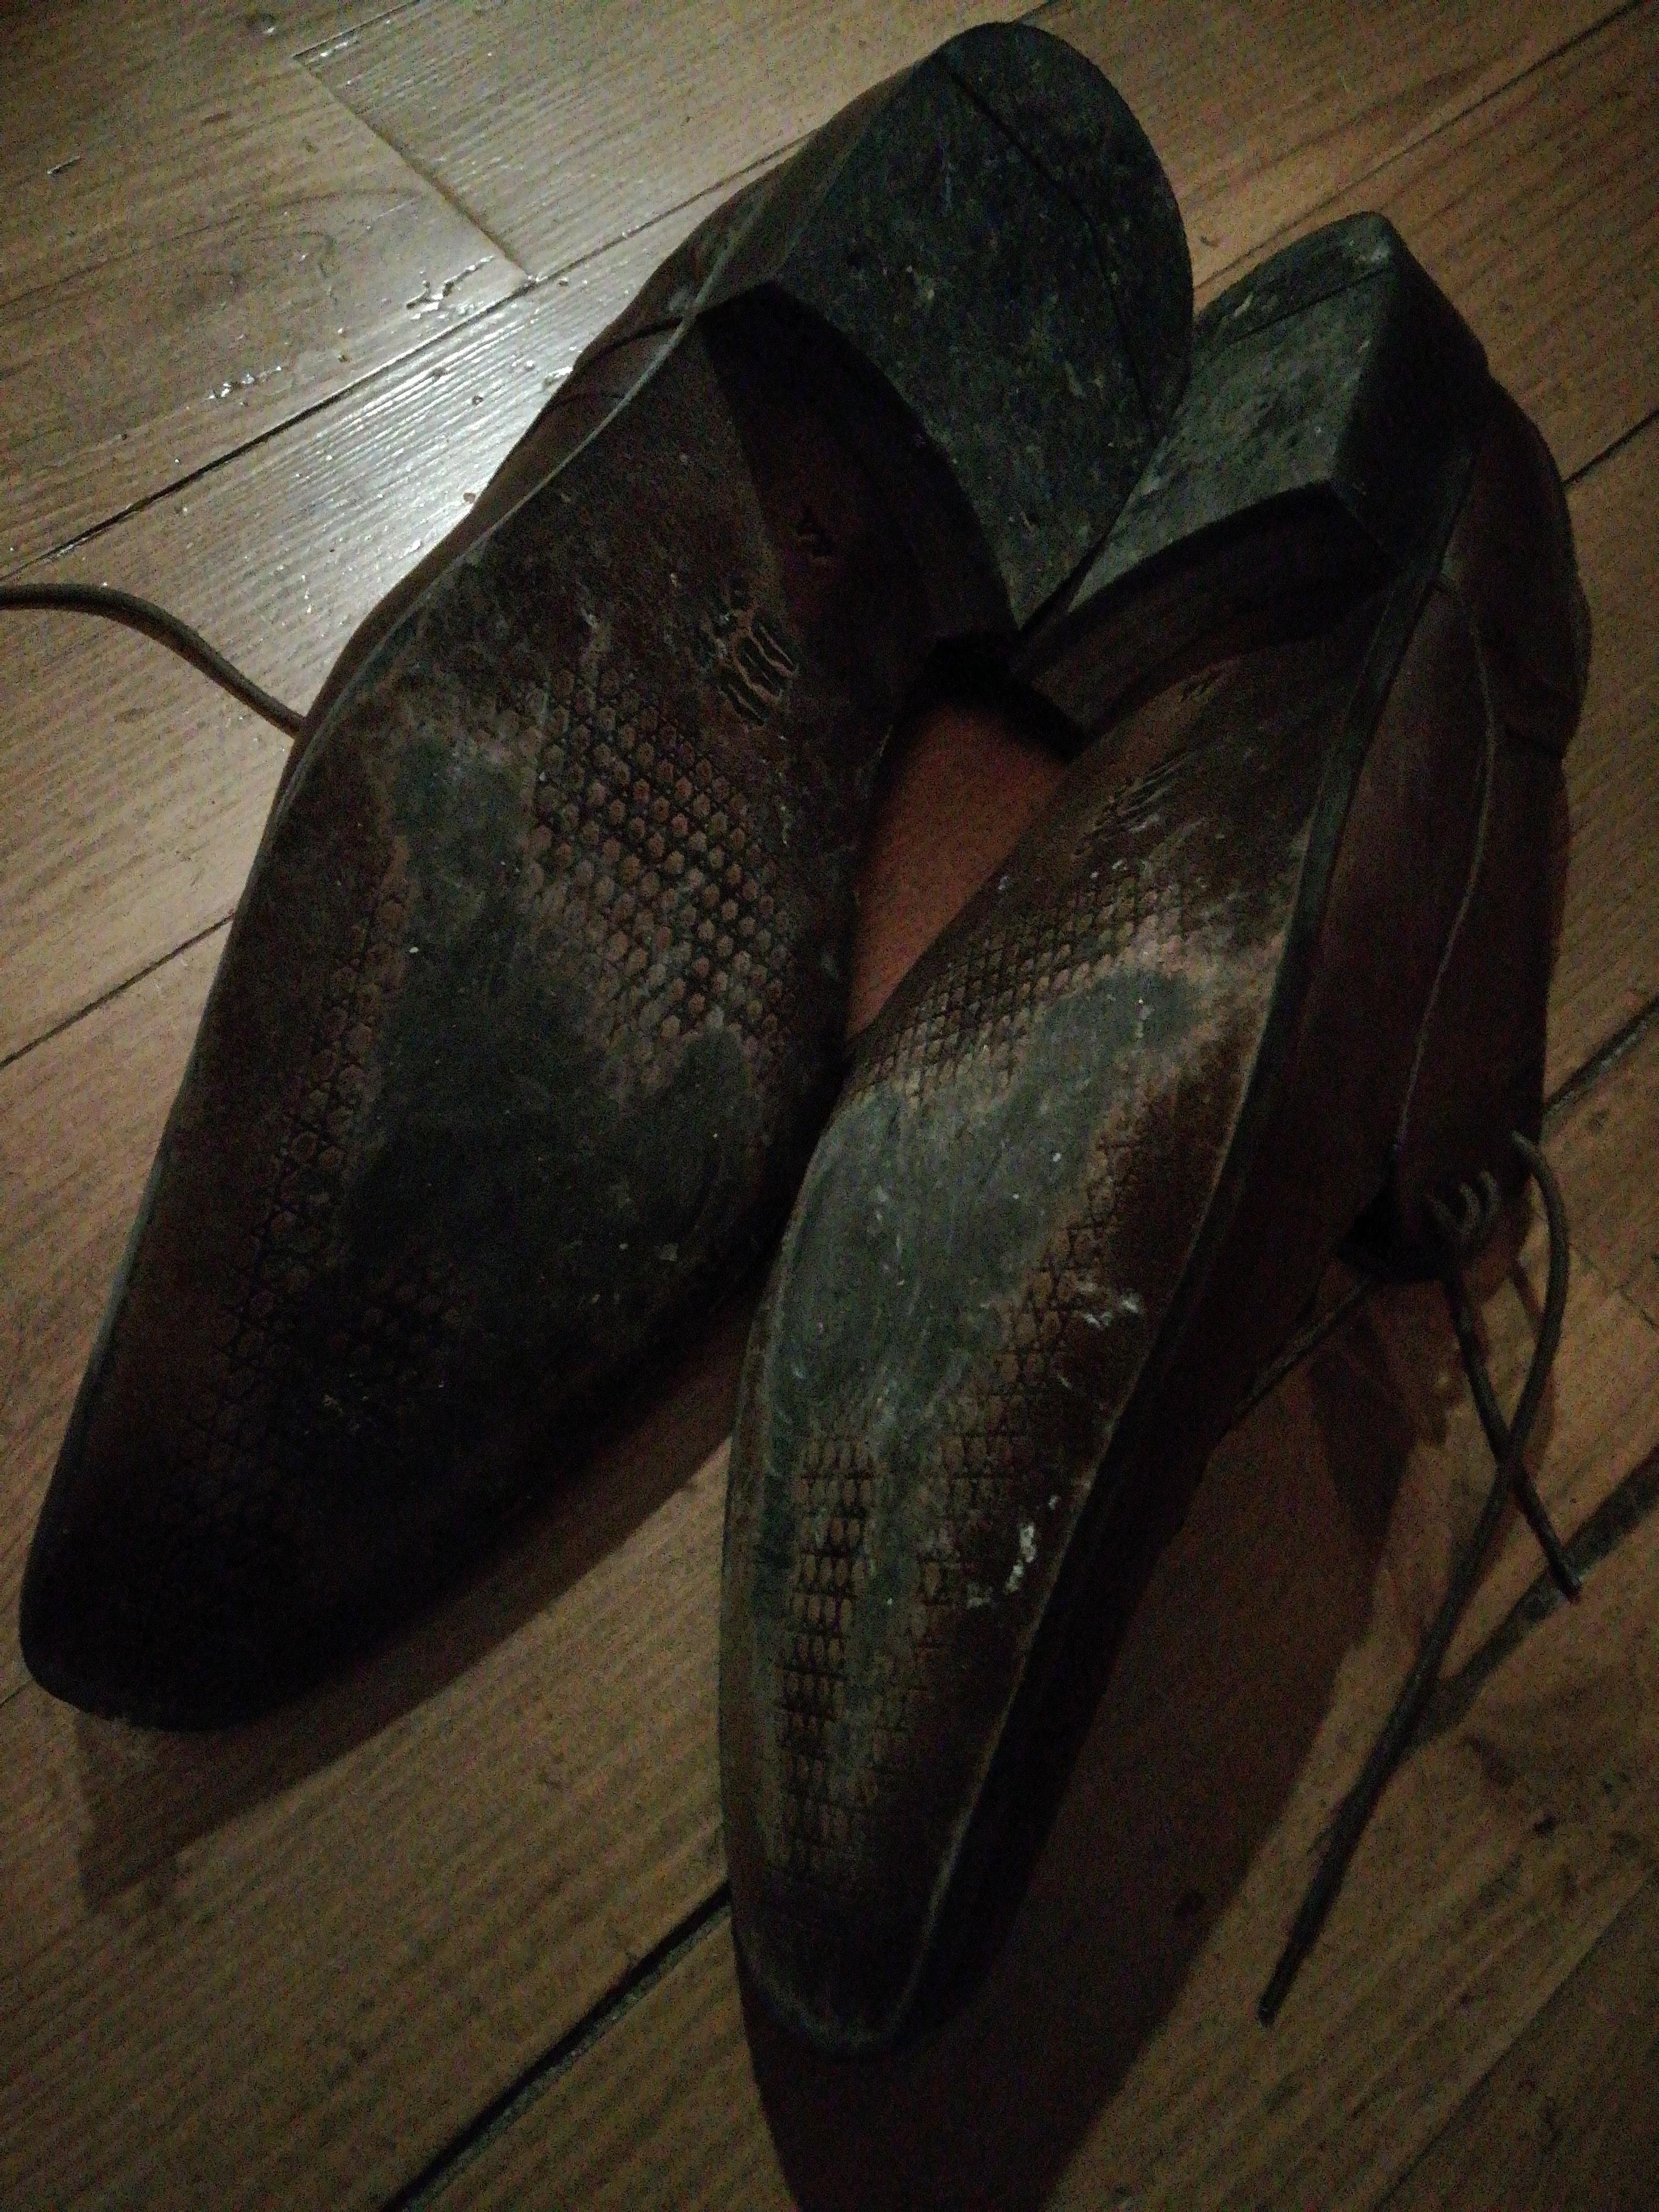 troc de troc chaussures de qualité image 1